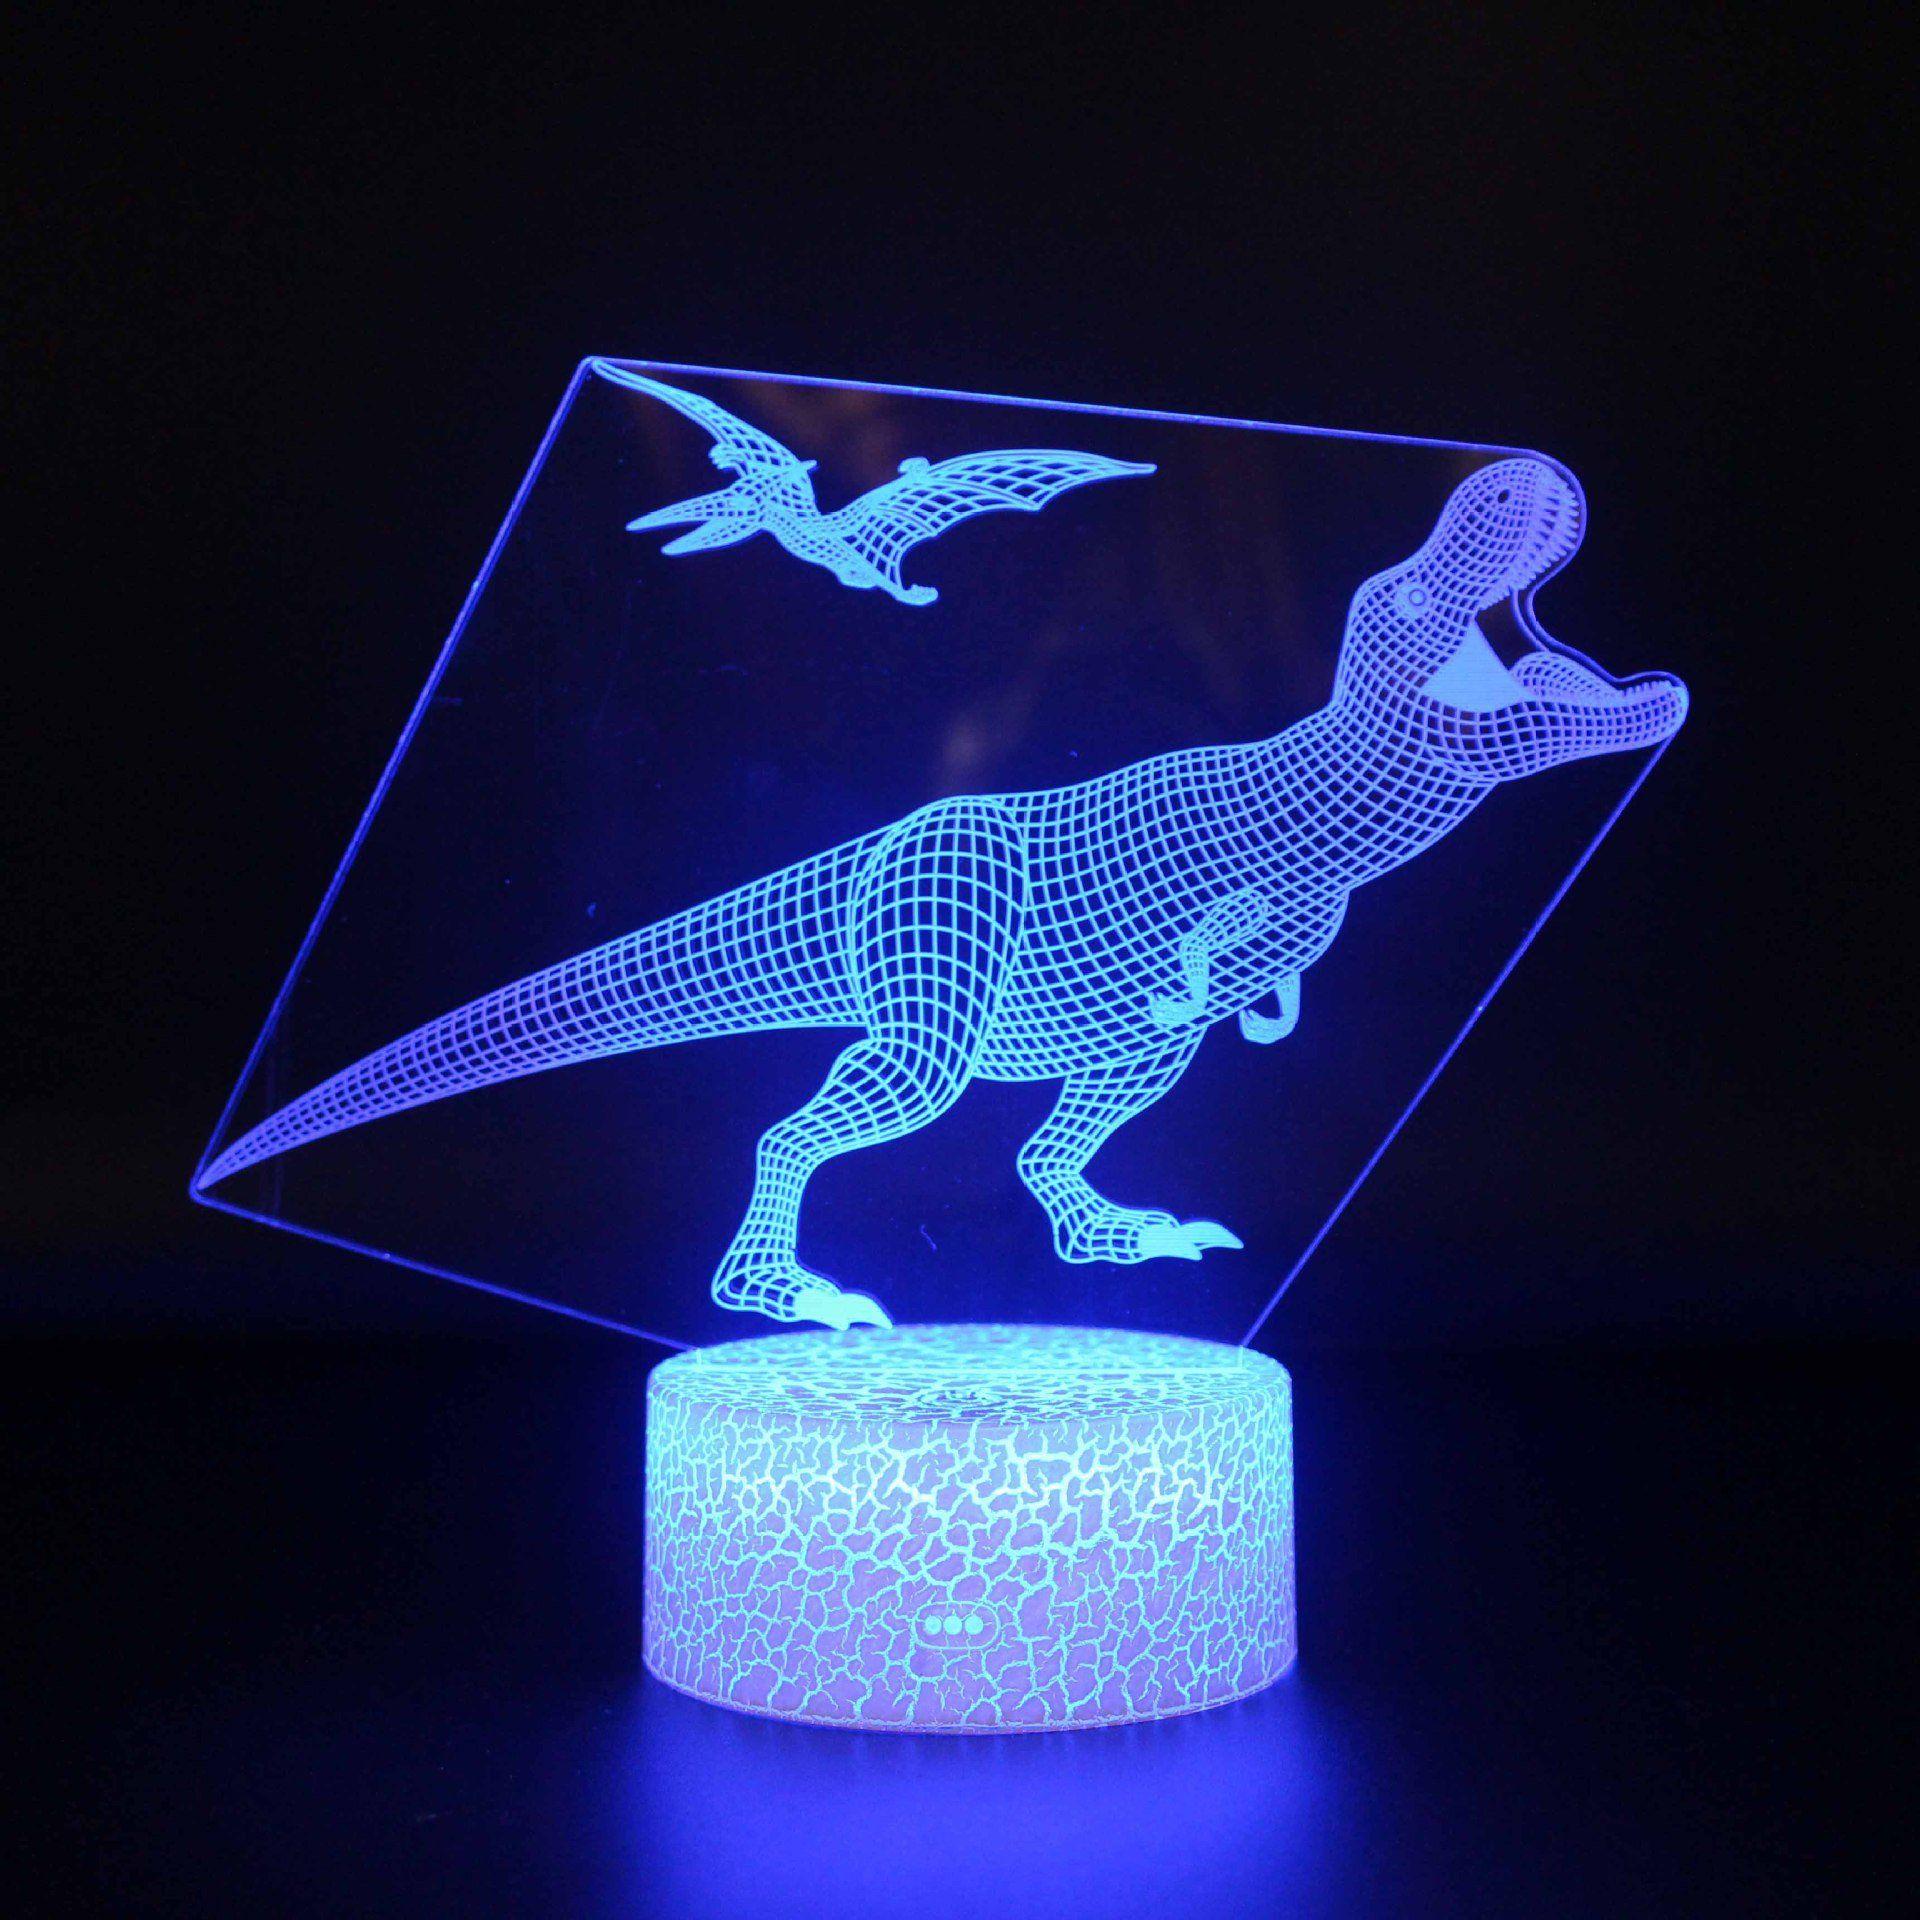 3d Nachtlicht Dinosaurier Form Lampen Optische 3d Illusion Nachtlicht Tischlampe Fur Kinder Geschenk Novelty Lamp Lava Lamp Lamp